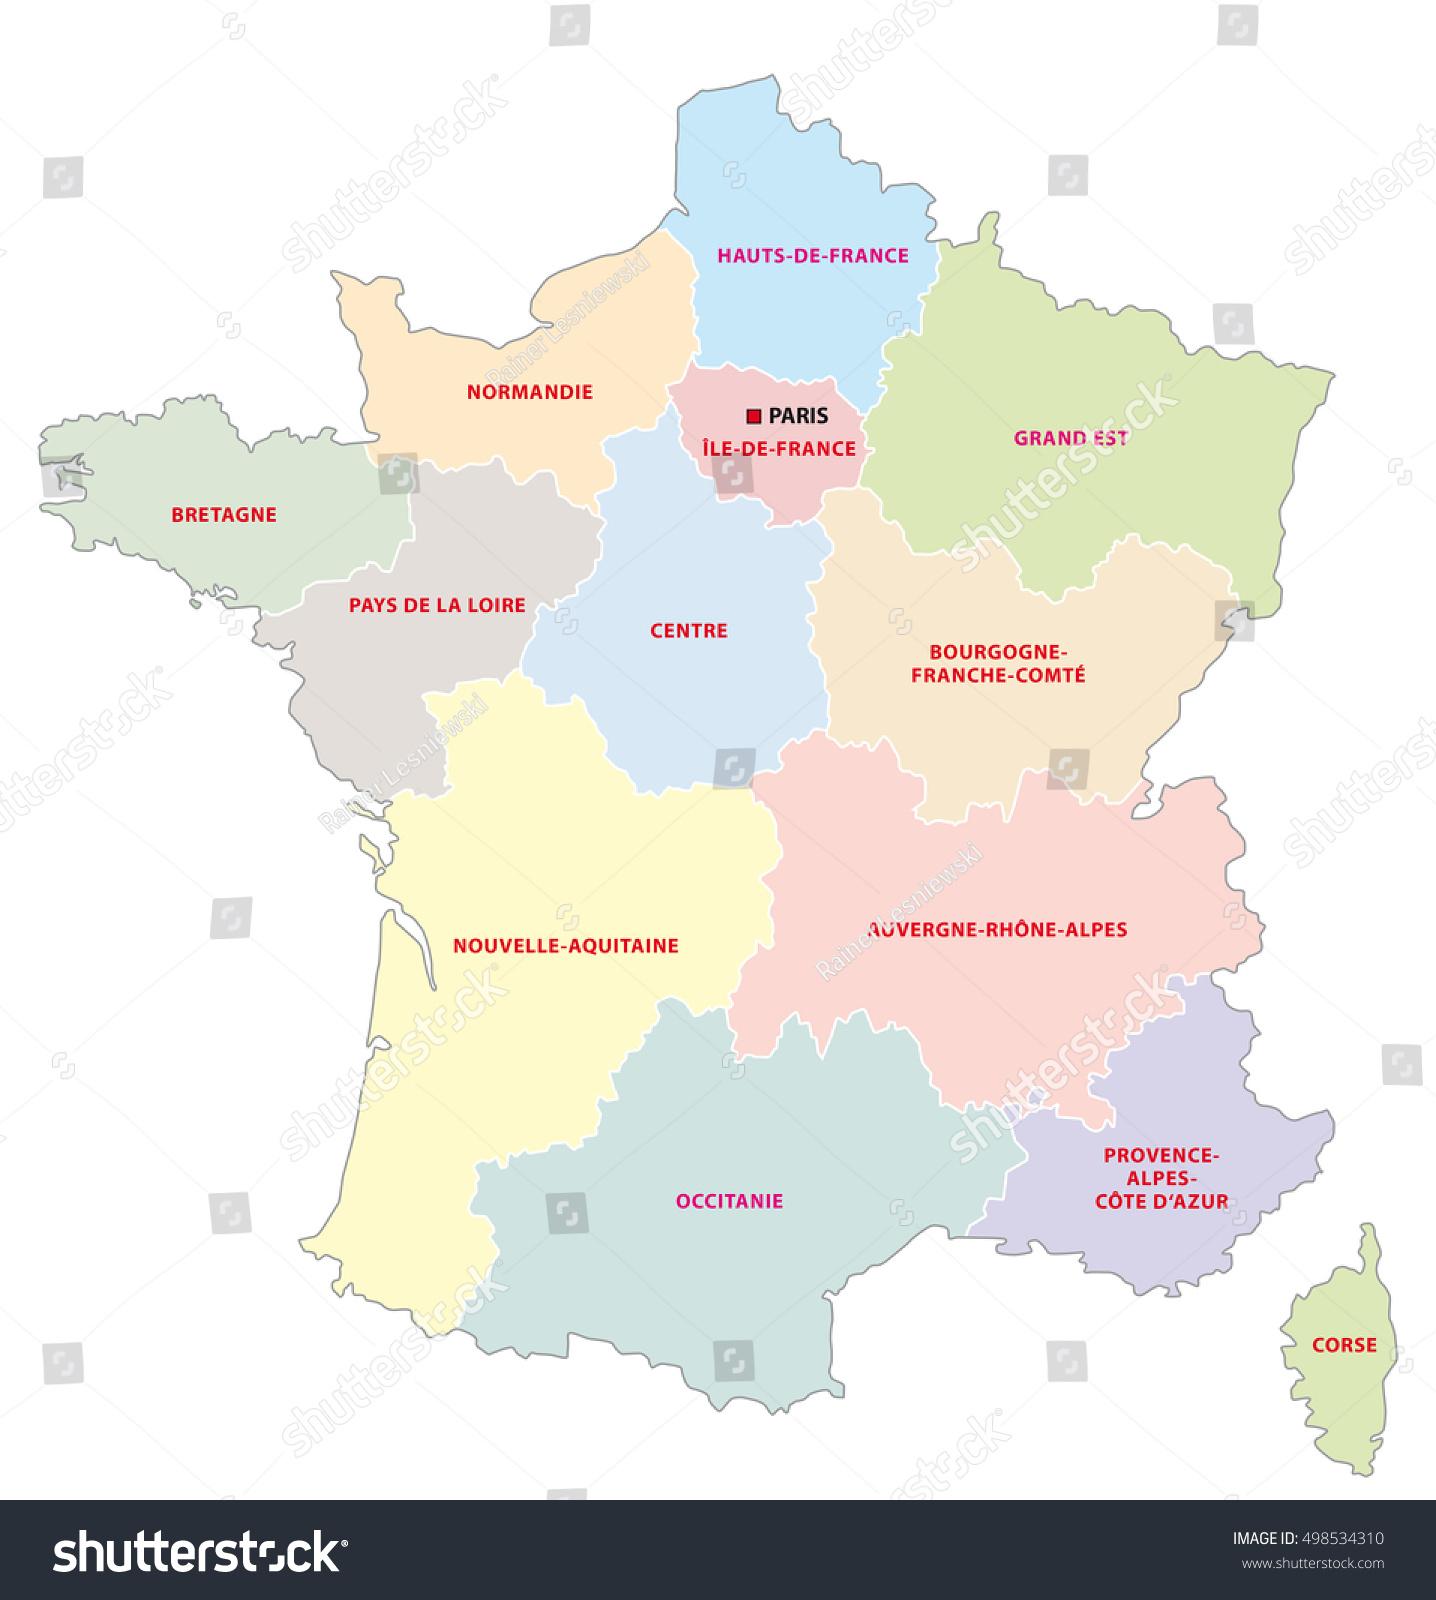 Image Vectorielle De Stock De Carte Administrative Des 13 destiné Carte Des Régions De France 2016